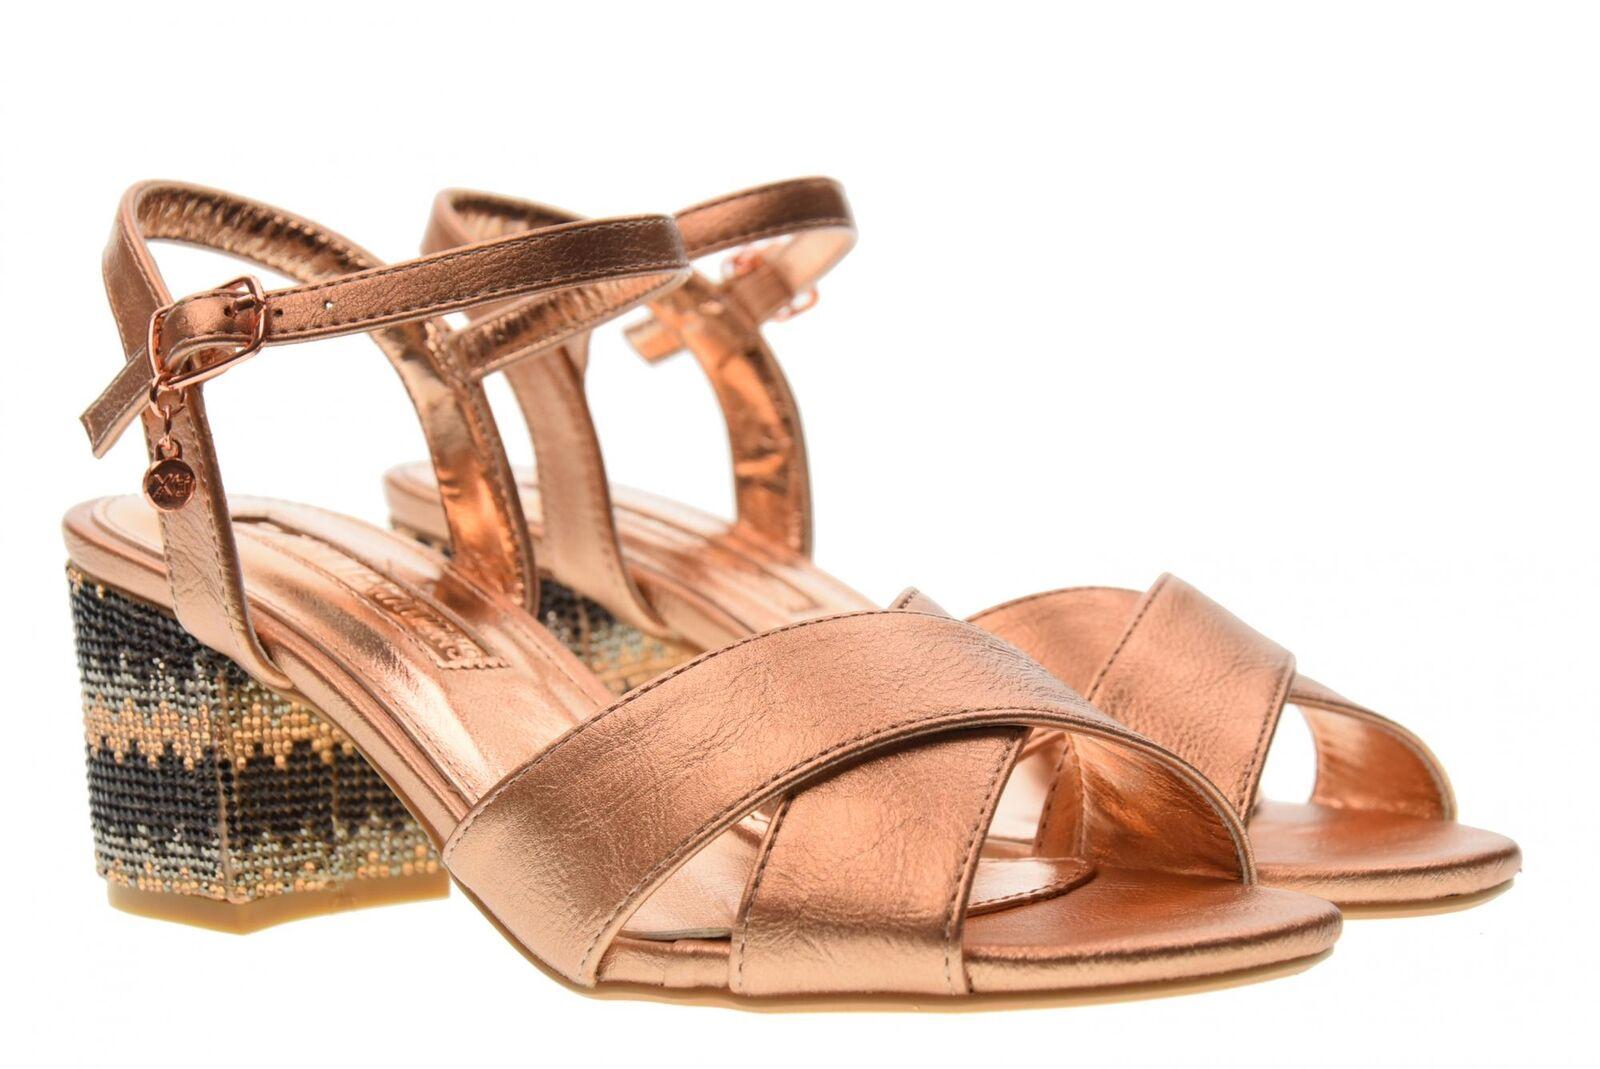 risparmia il 50% -75% di sconto Xti TENTATIONS scarpe donna sandali sandali sandali tacco basso 30704 NUDE P18  acquistare ora